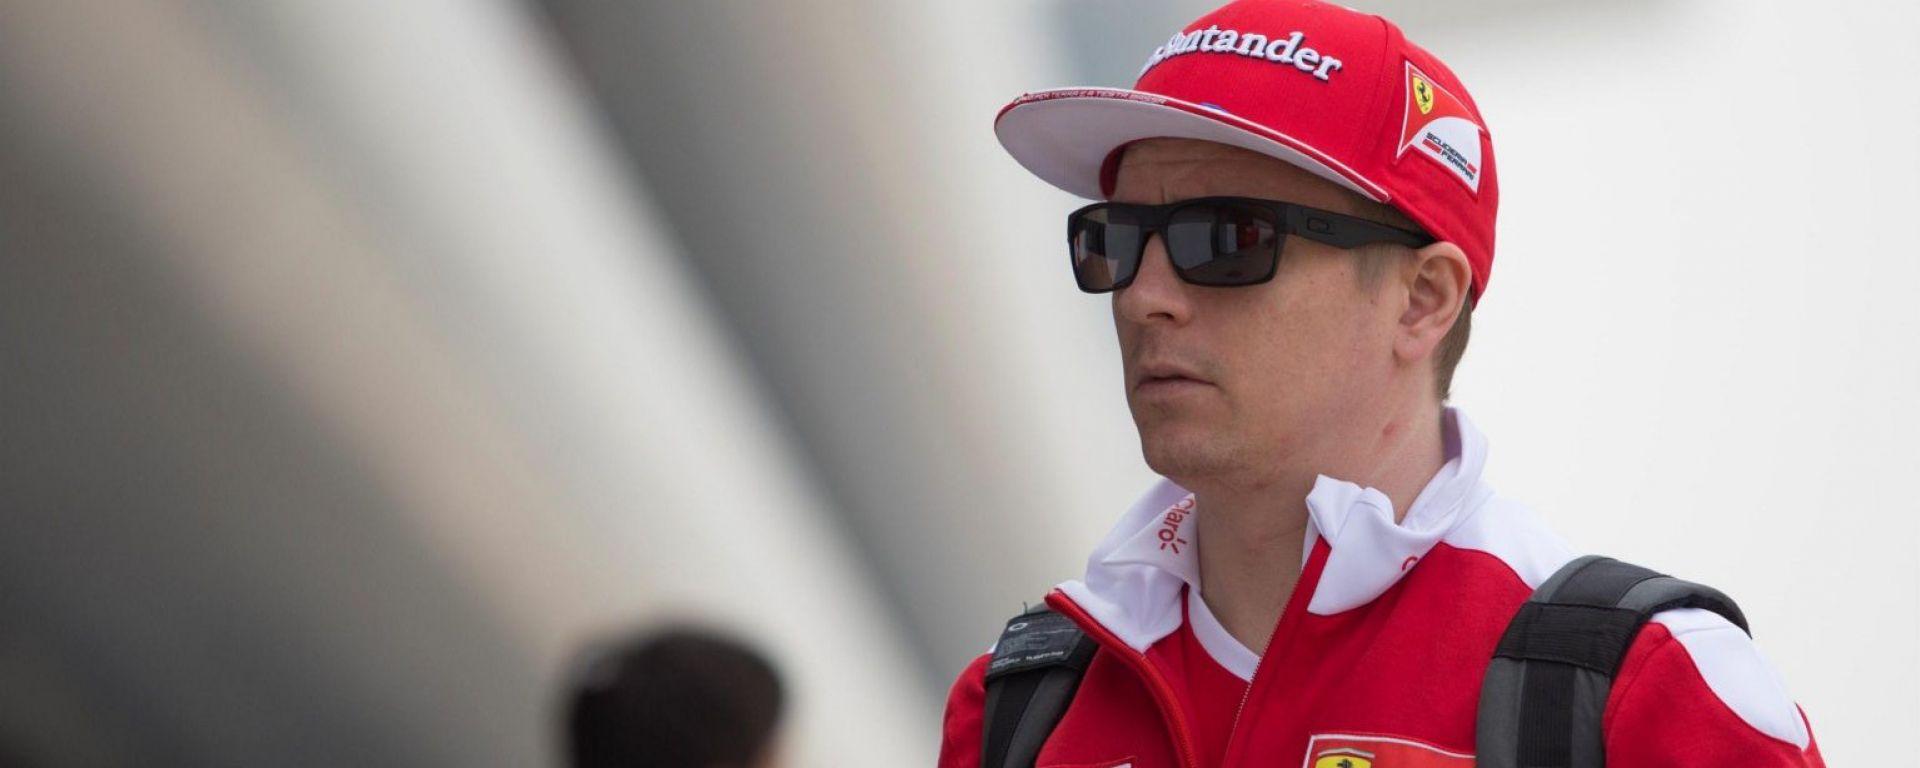 F1 2016, GP Cina: Raikkonen davanti a tutti nelle libere